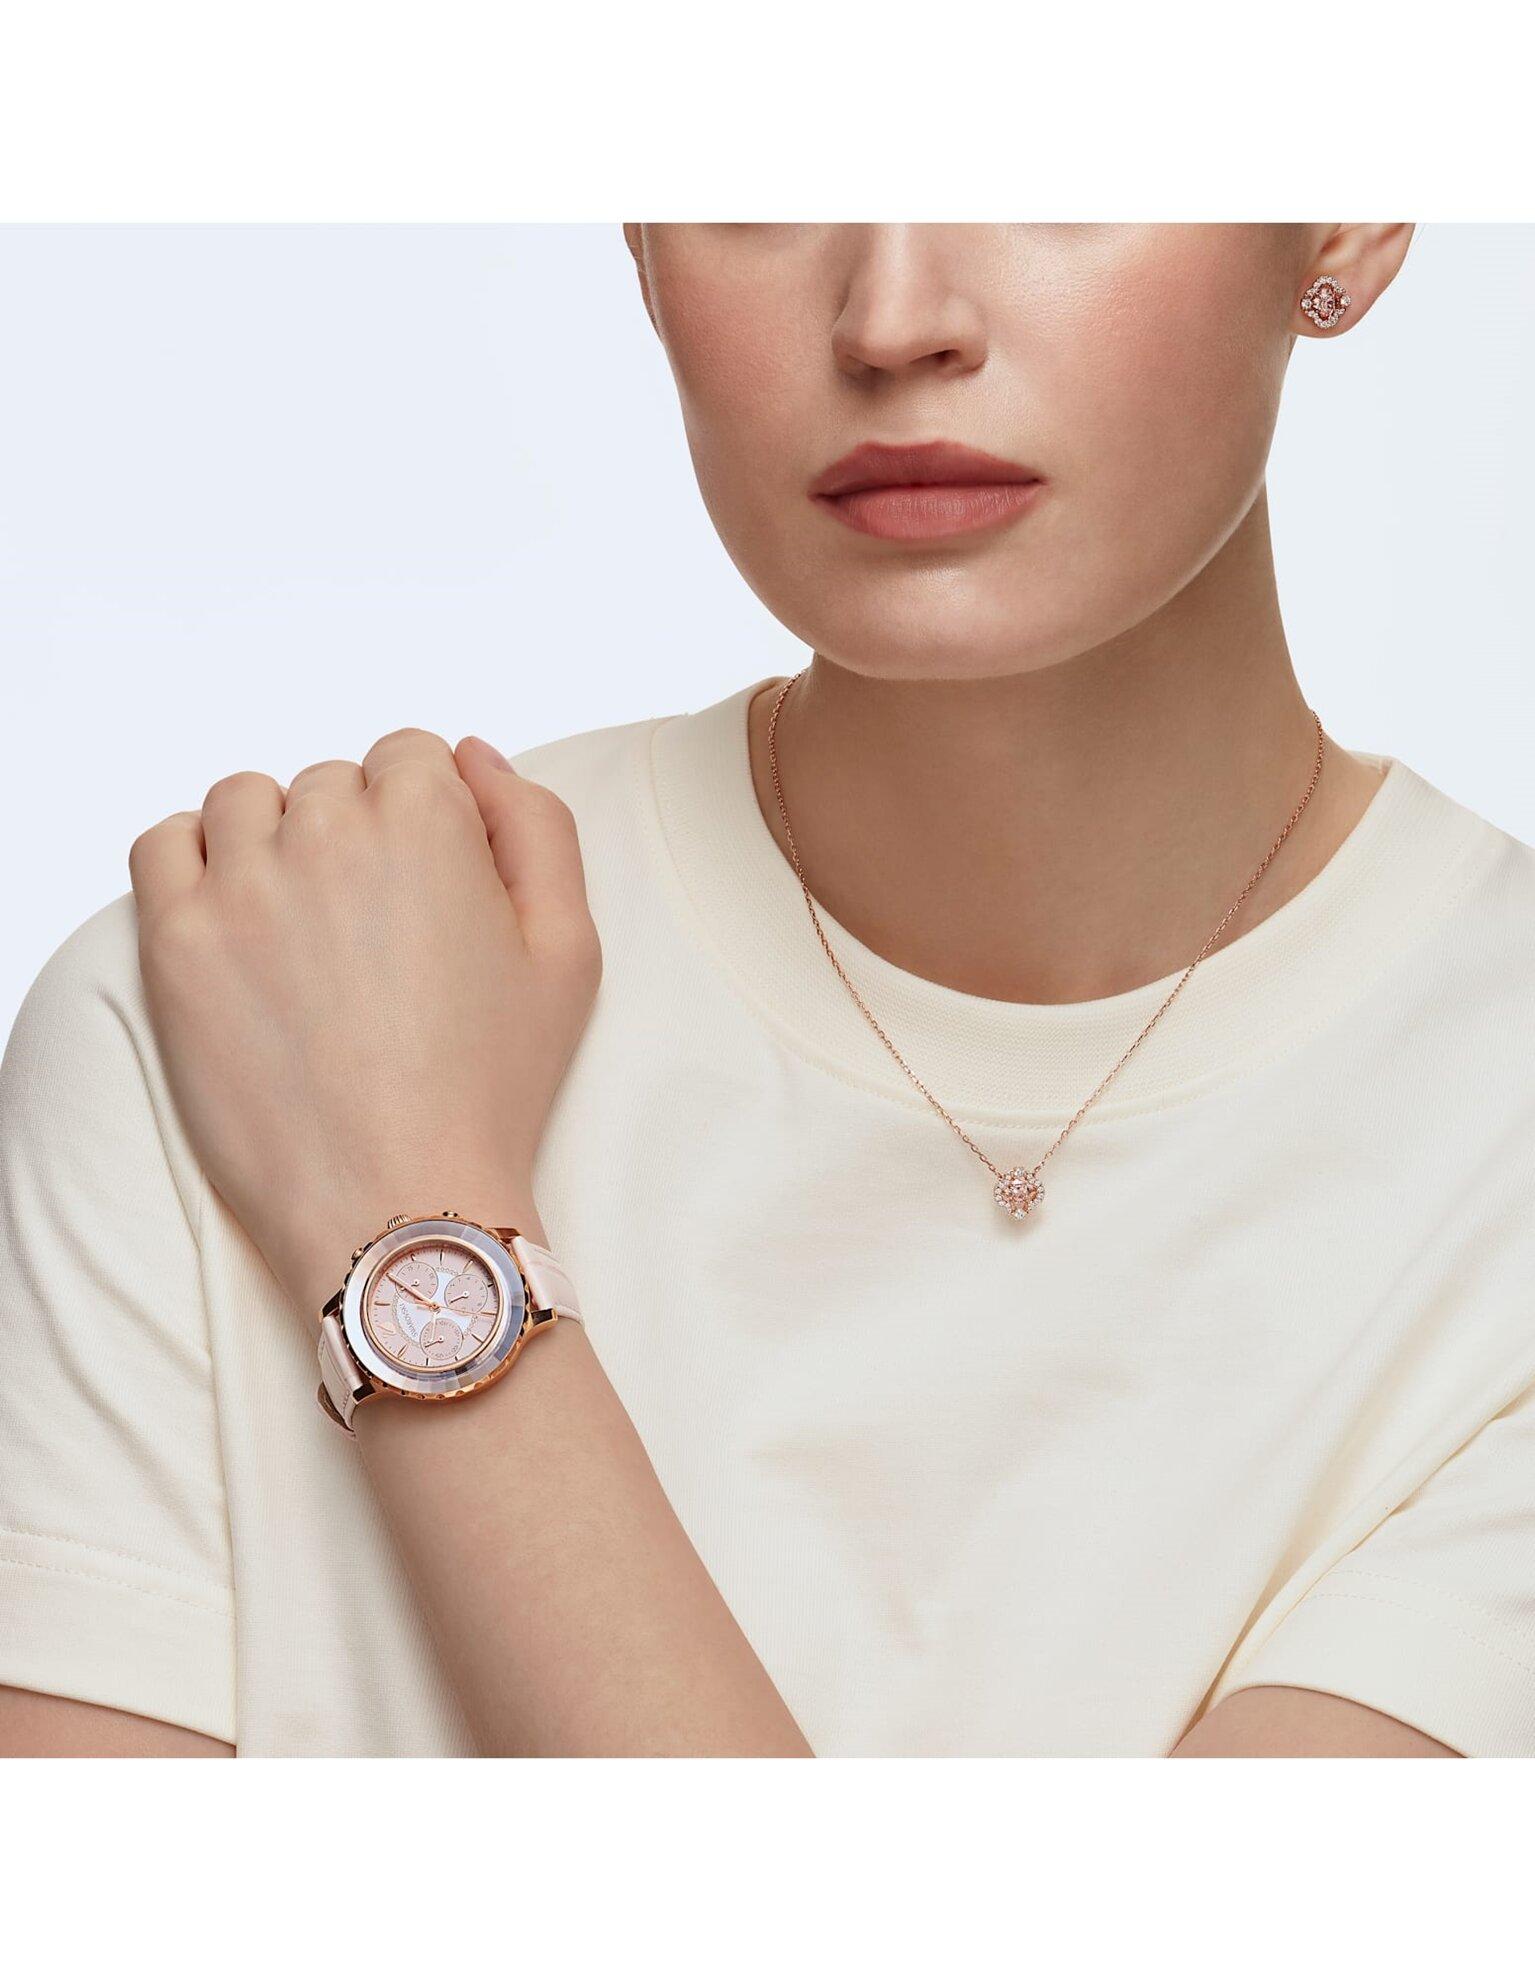 Picture of Octea Lux Chrono Saat, Deri kayış, Pembe, Pembe altın rengi PVD